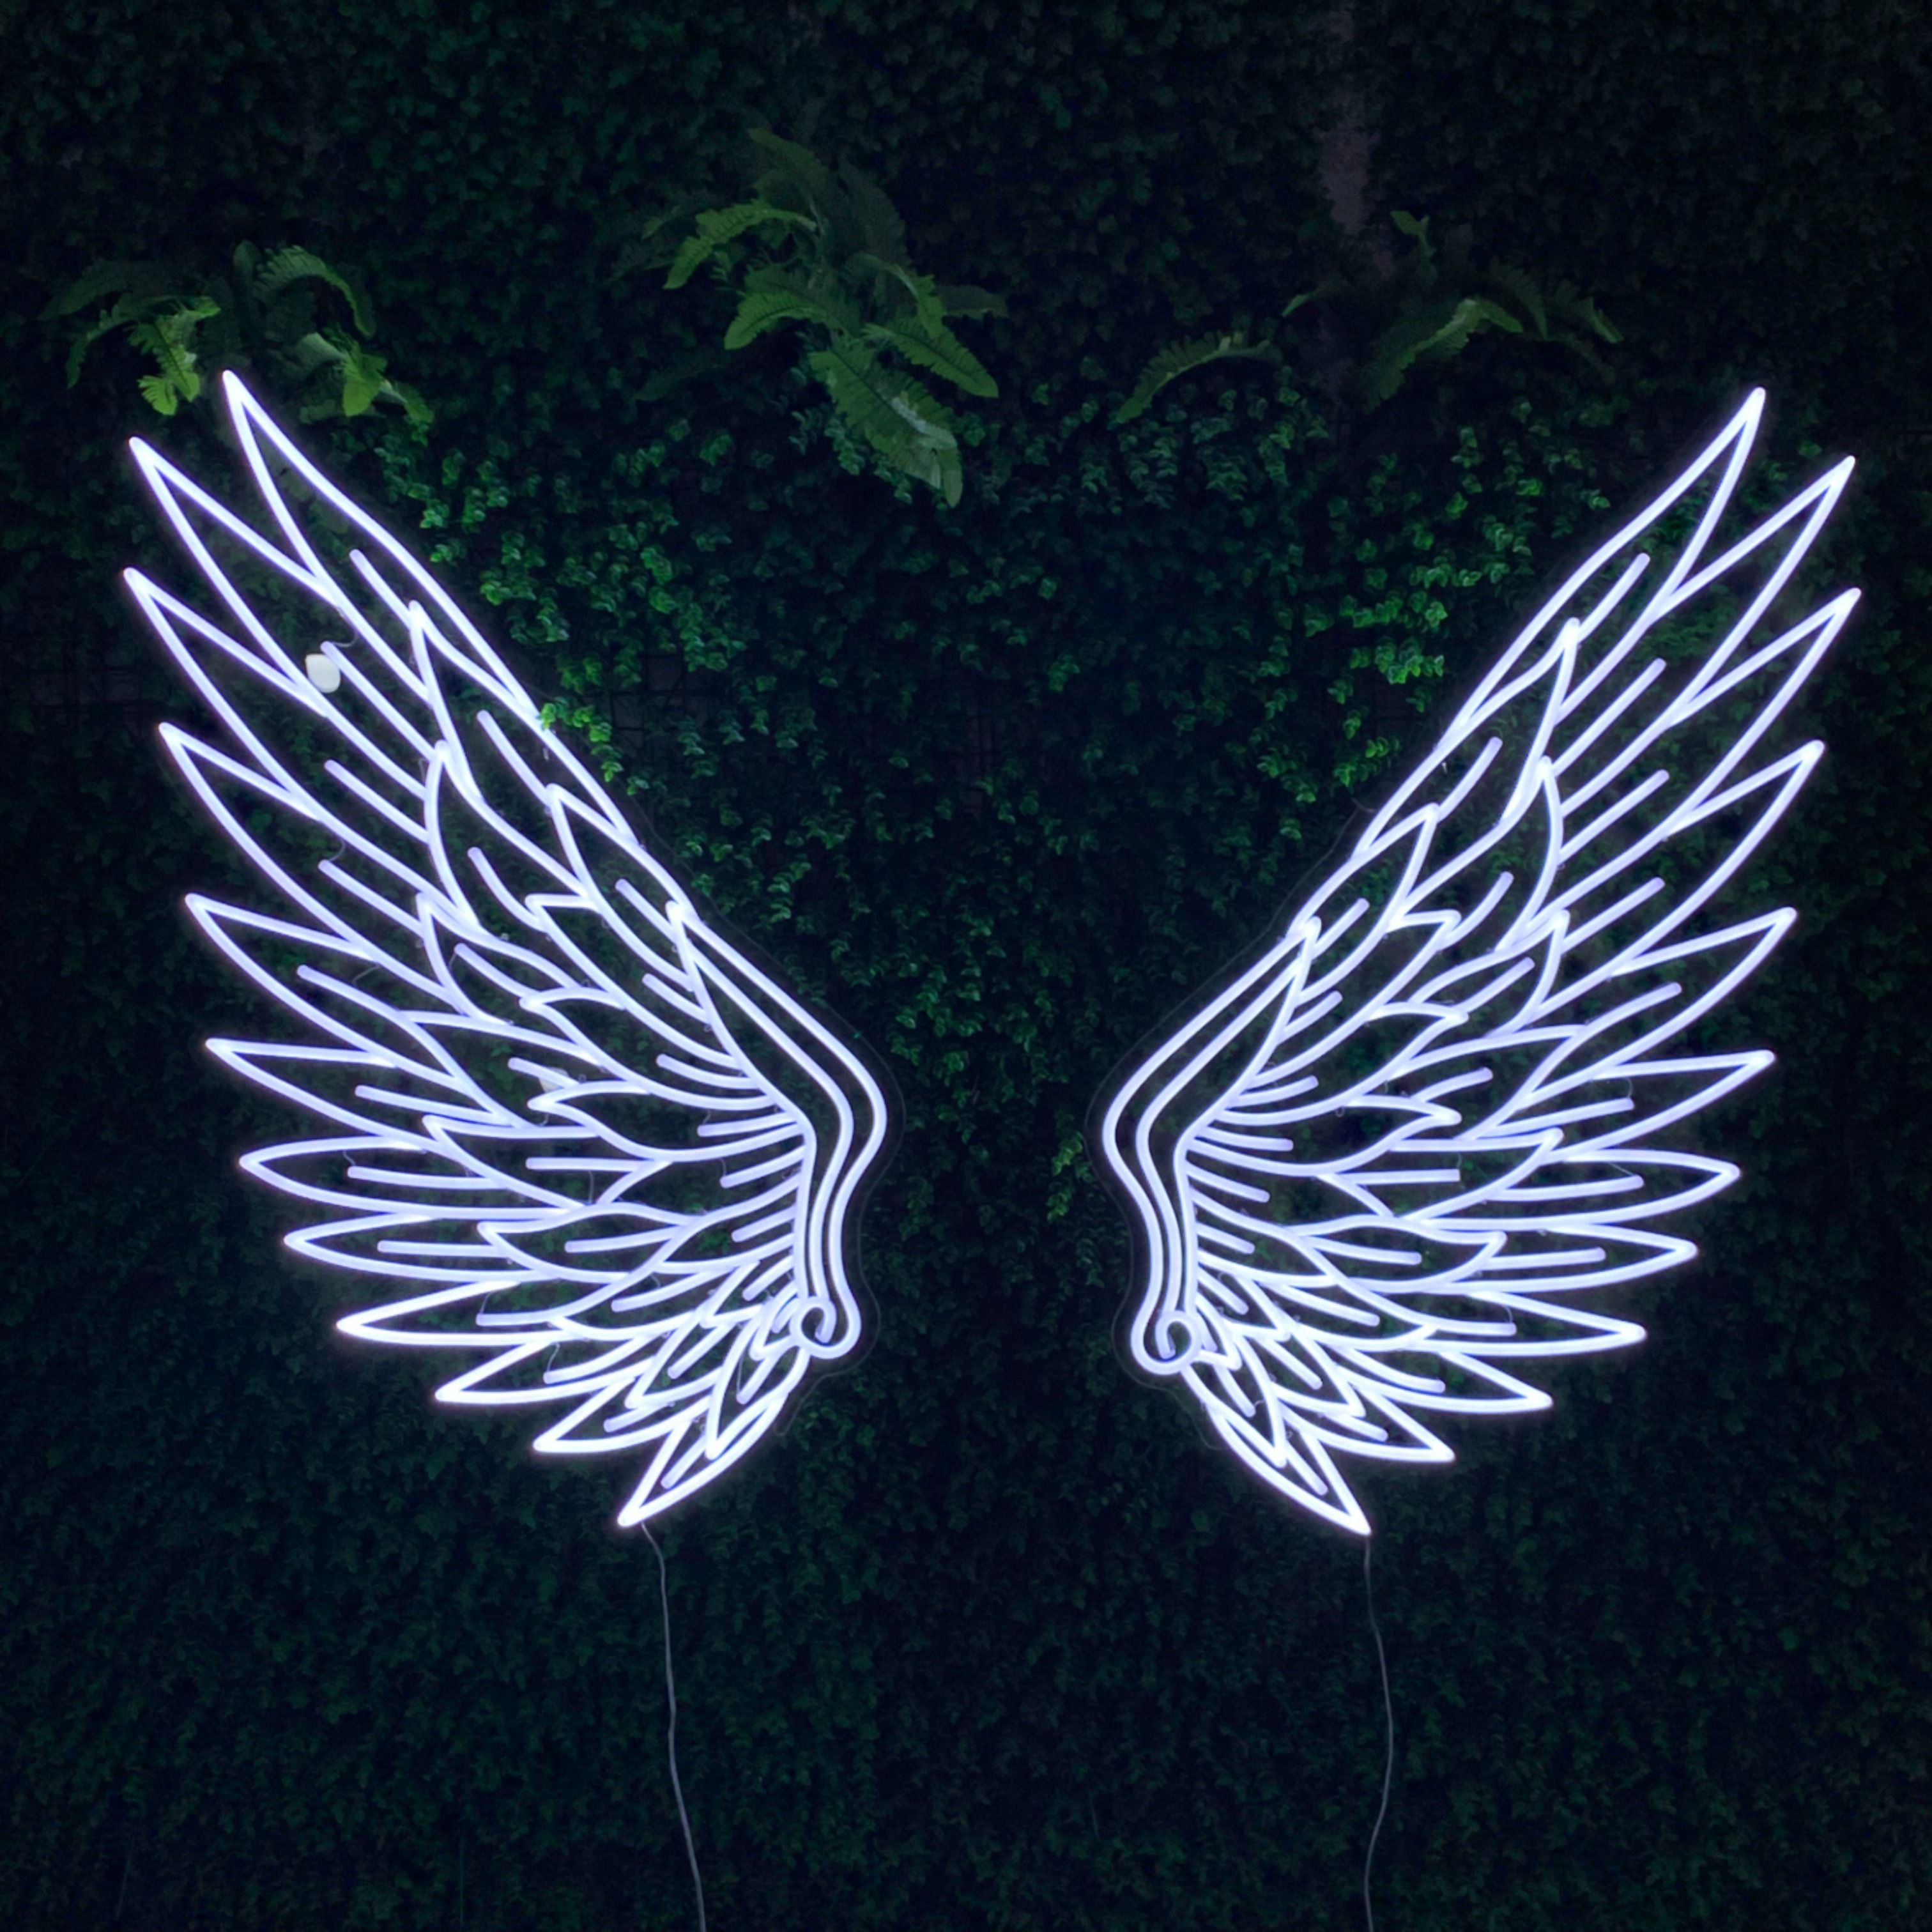 Angel Wings Neon Sign Neon Signs Wings Wallpaper Neon Wallpaper Aesthetic iphone angel wings wallpaper